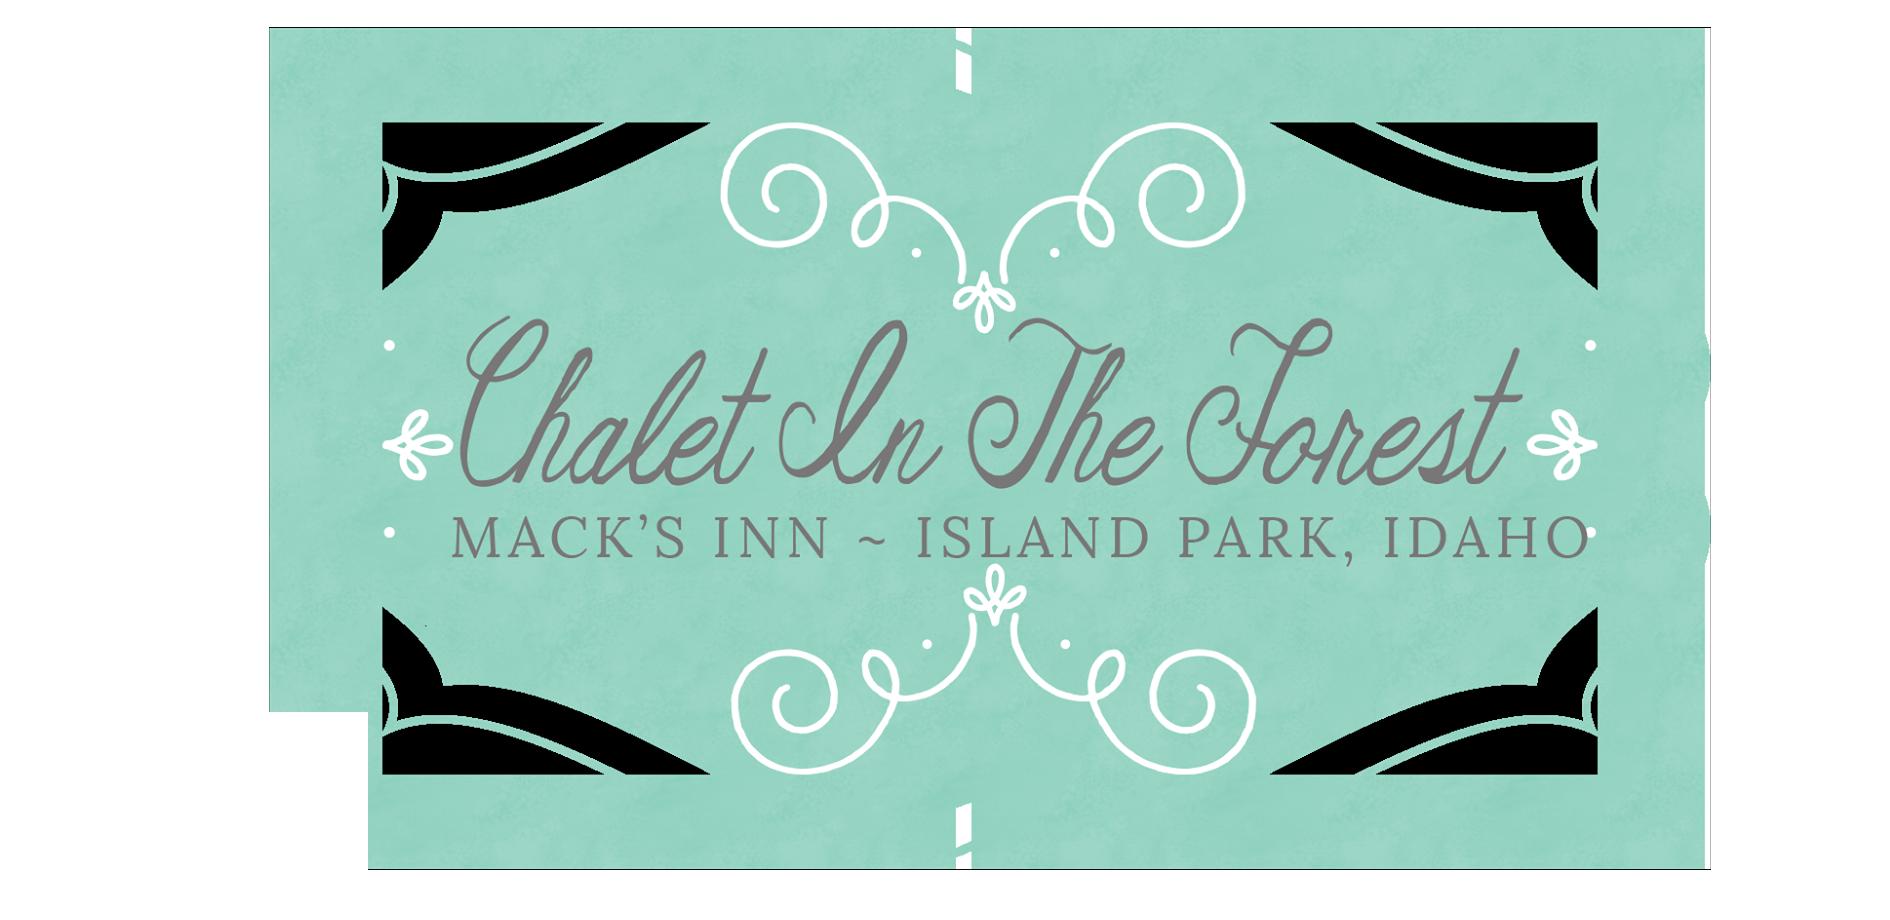 island-park-rental-chalet.png